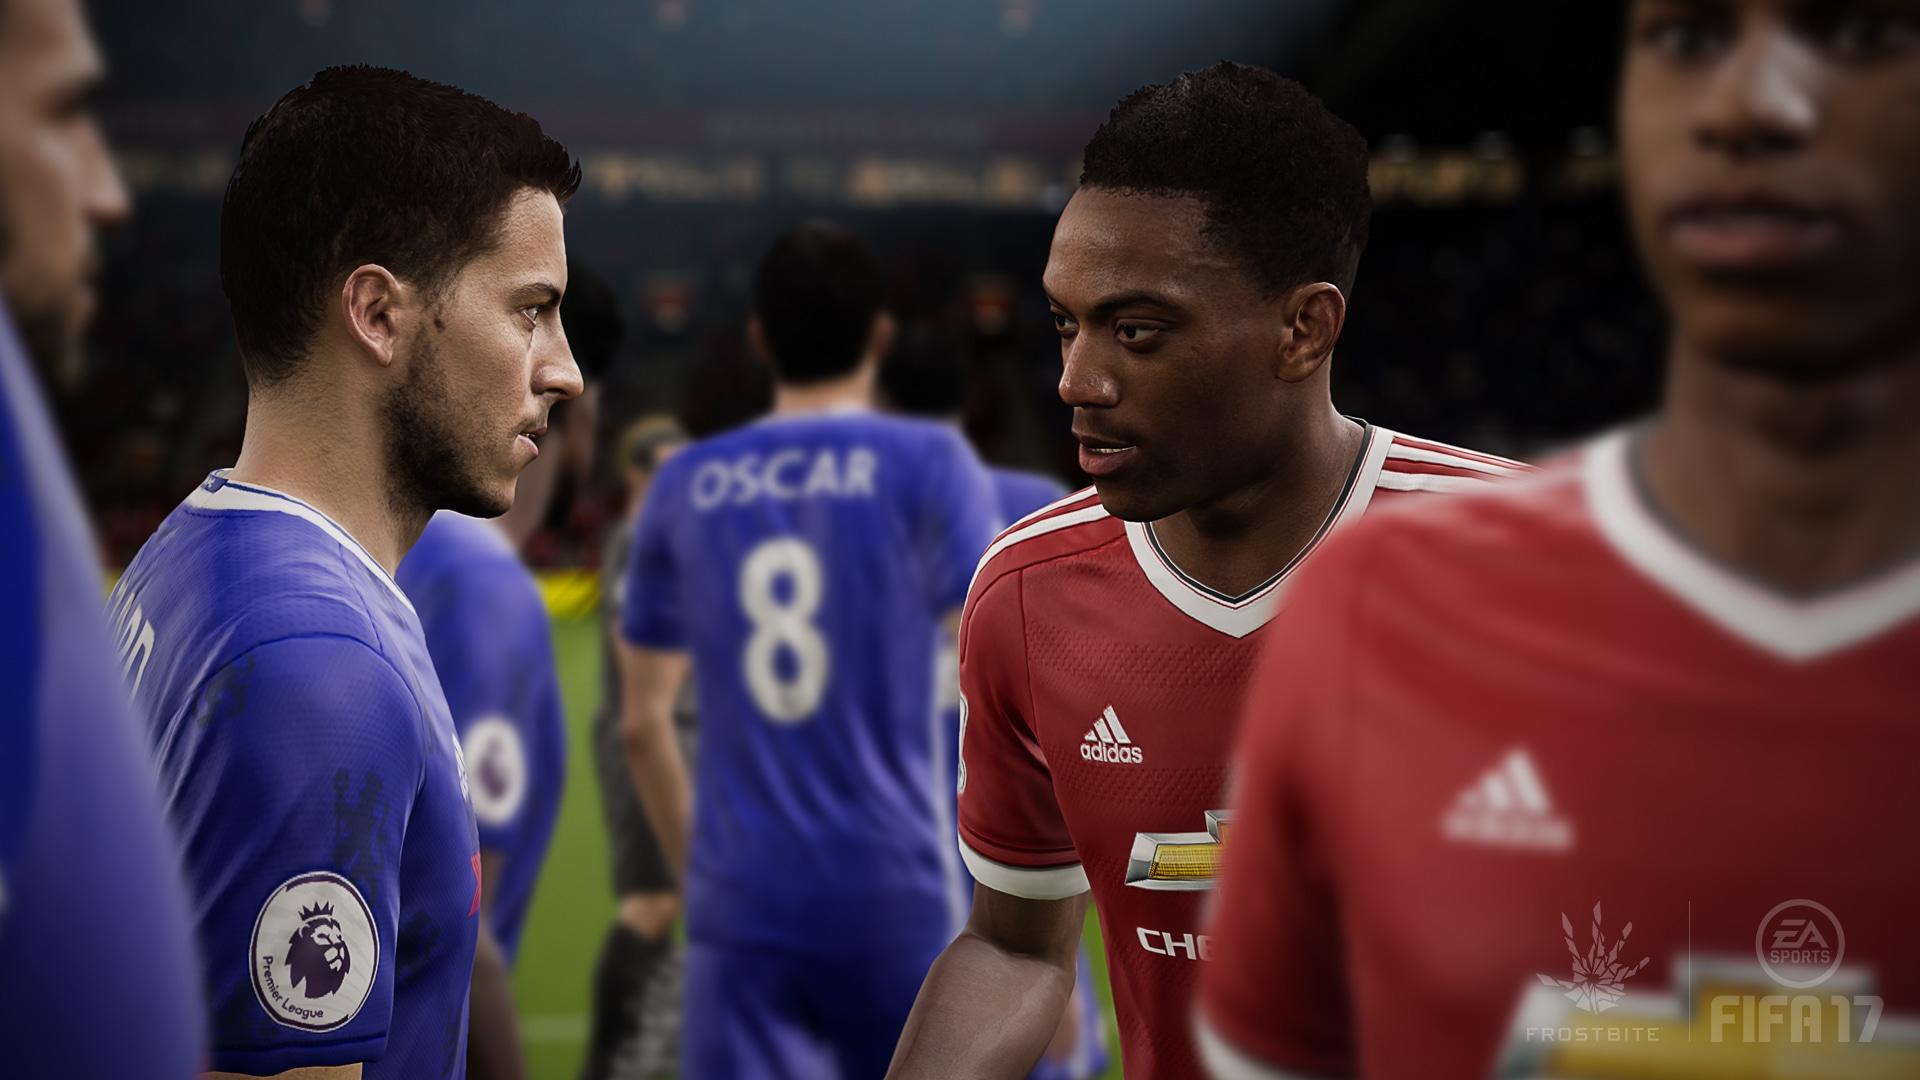 Eerste gameplays van FIFA 17 op de E3